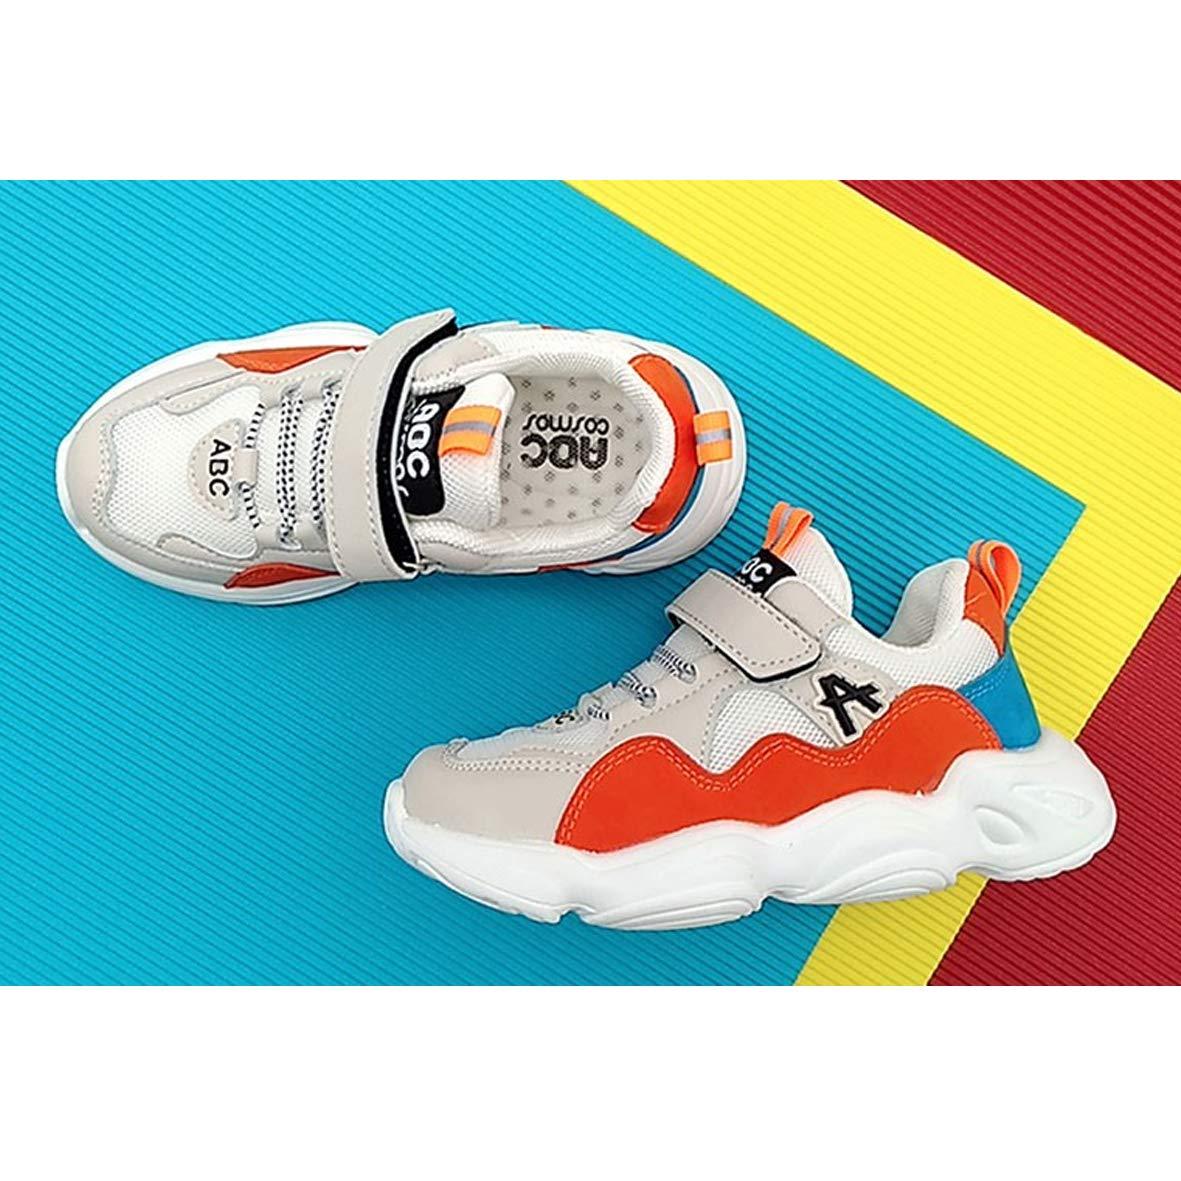 Scarpe Sportive Bambino Sneakers Ragazzo Scarpe da Corsa Ragazze Scarpe da Running per Bambine e Ragazze Scarpe Indoor Sport per Ragazze Sneakers per Bambino Scarpe Outdoor Sport per Ragazze 27-37